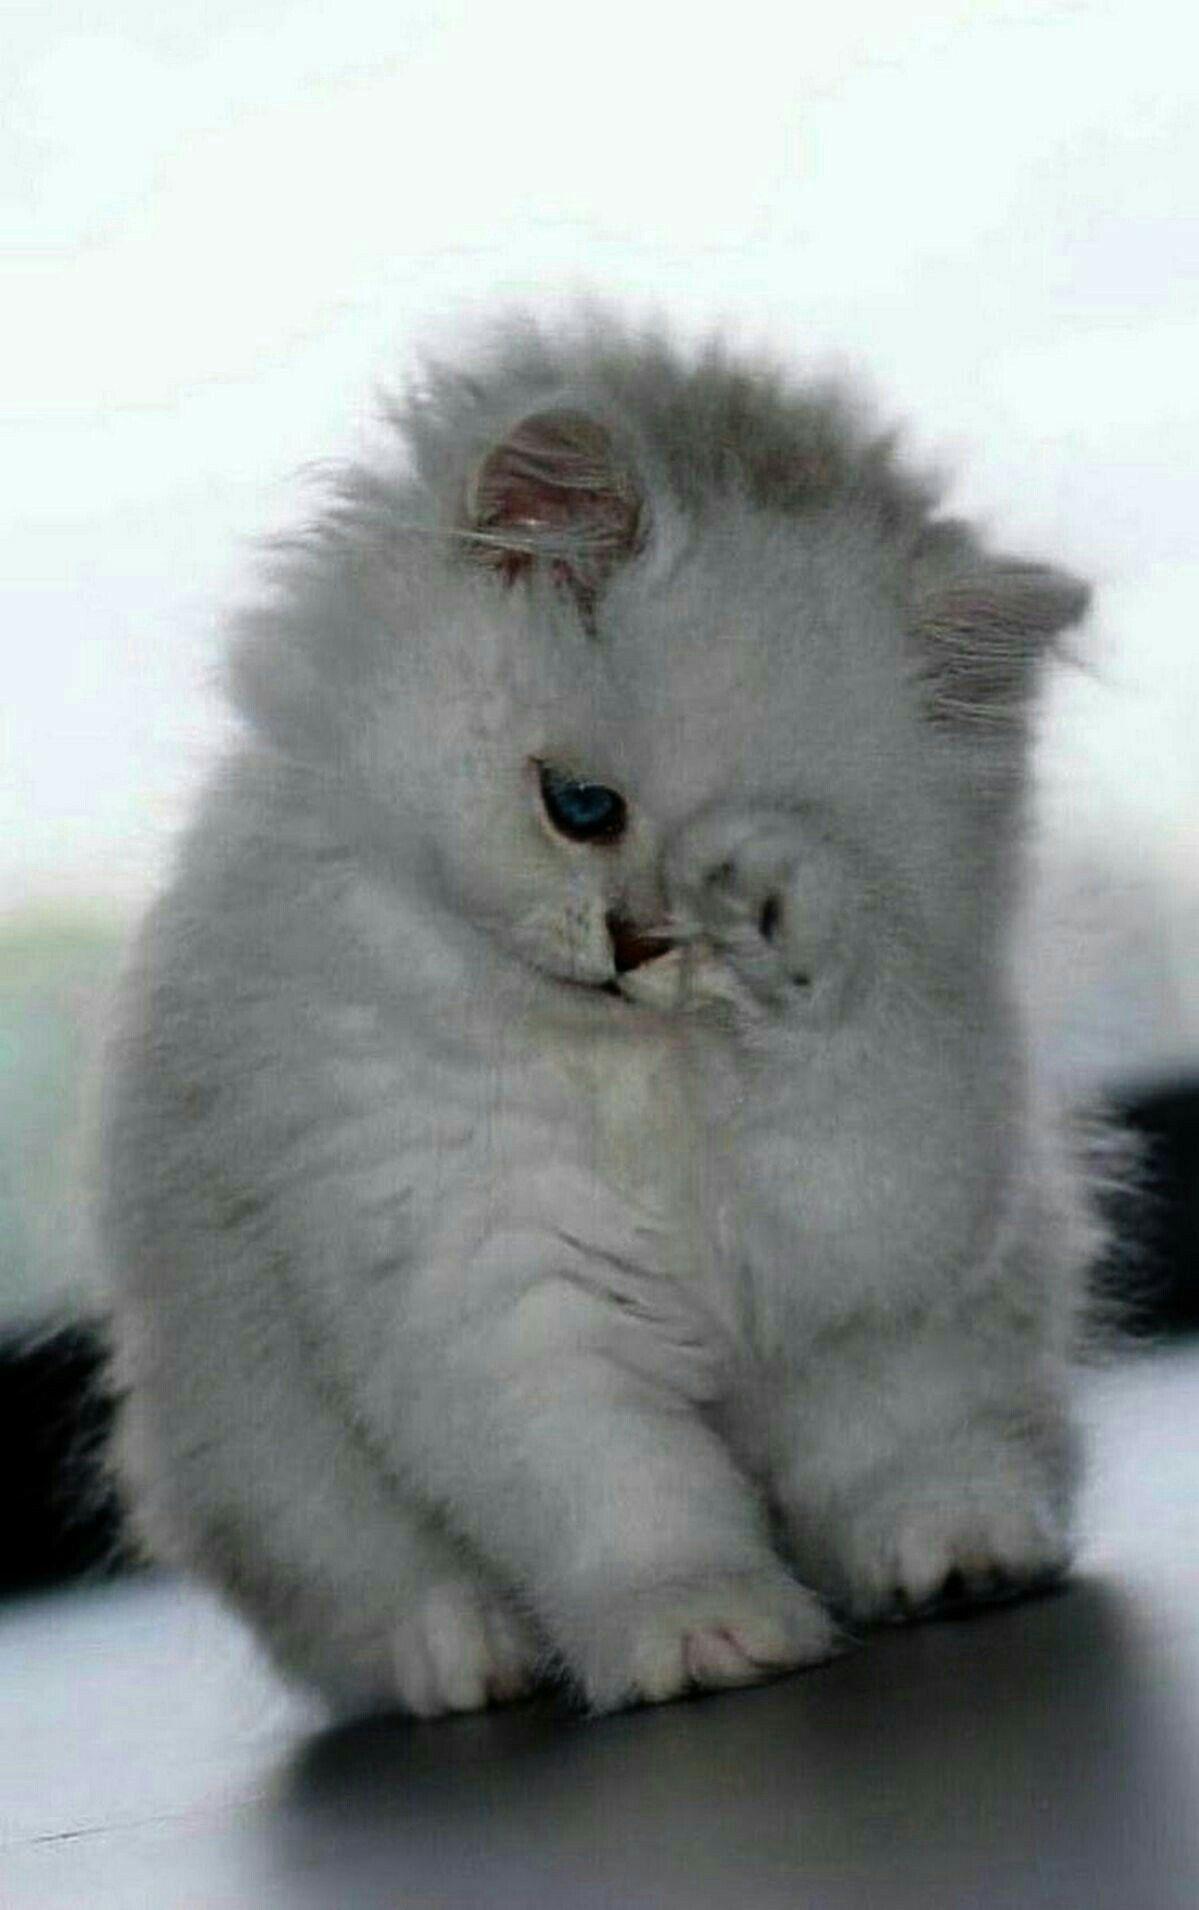 Pin By Oksana On Razom Kittens Cutest Cute Animals Baby Cats